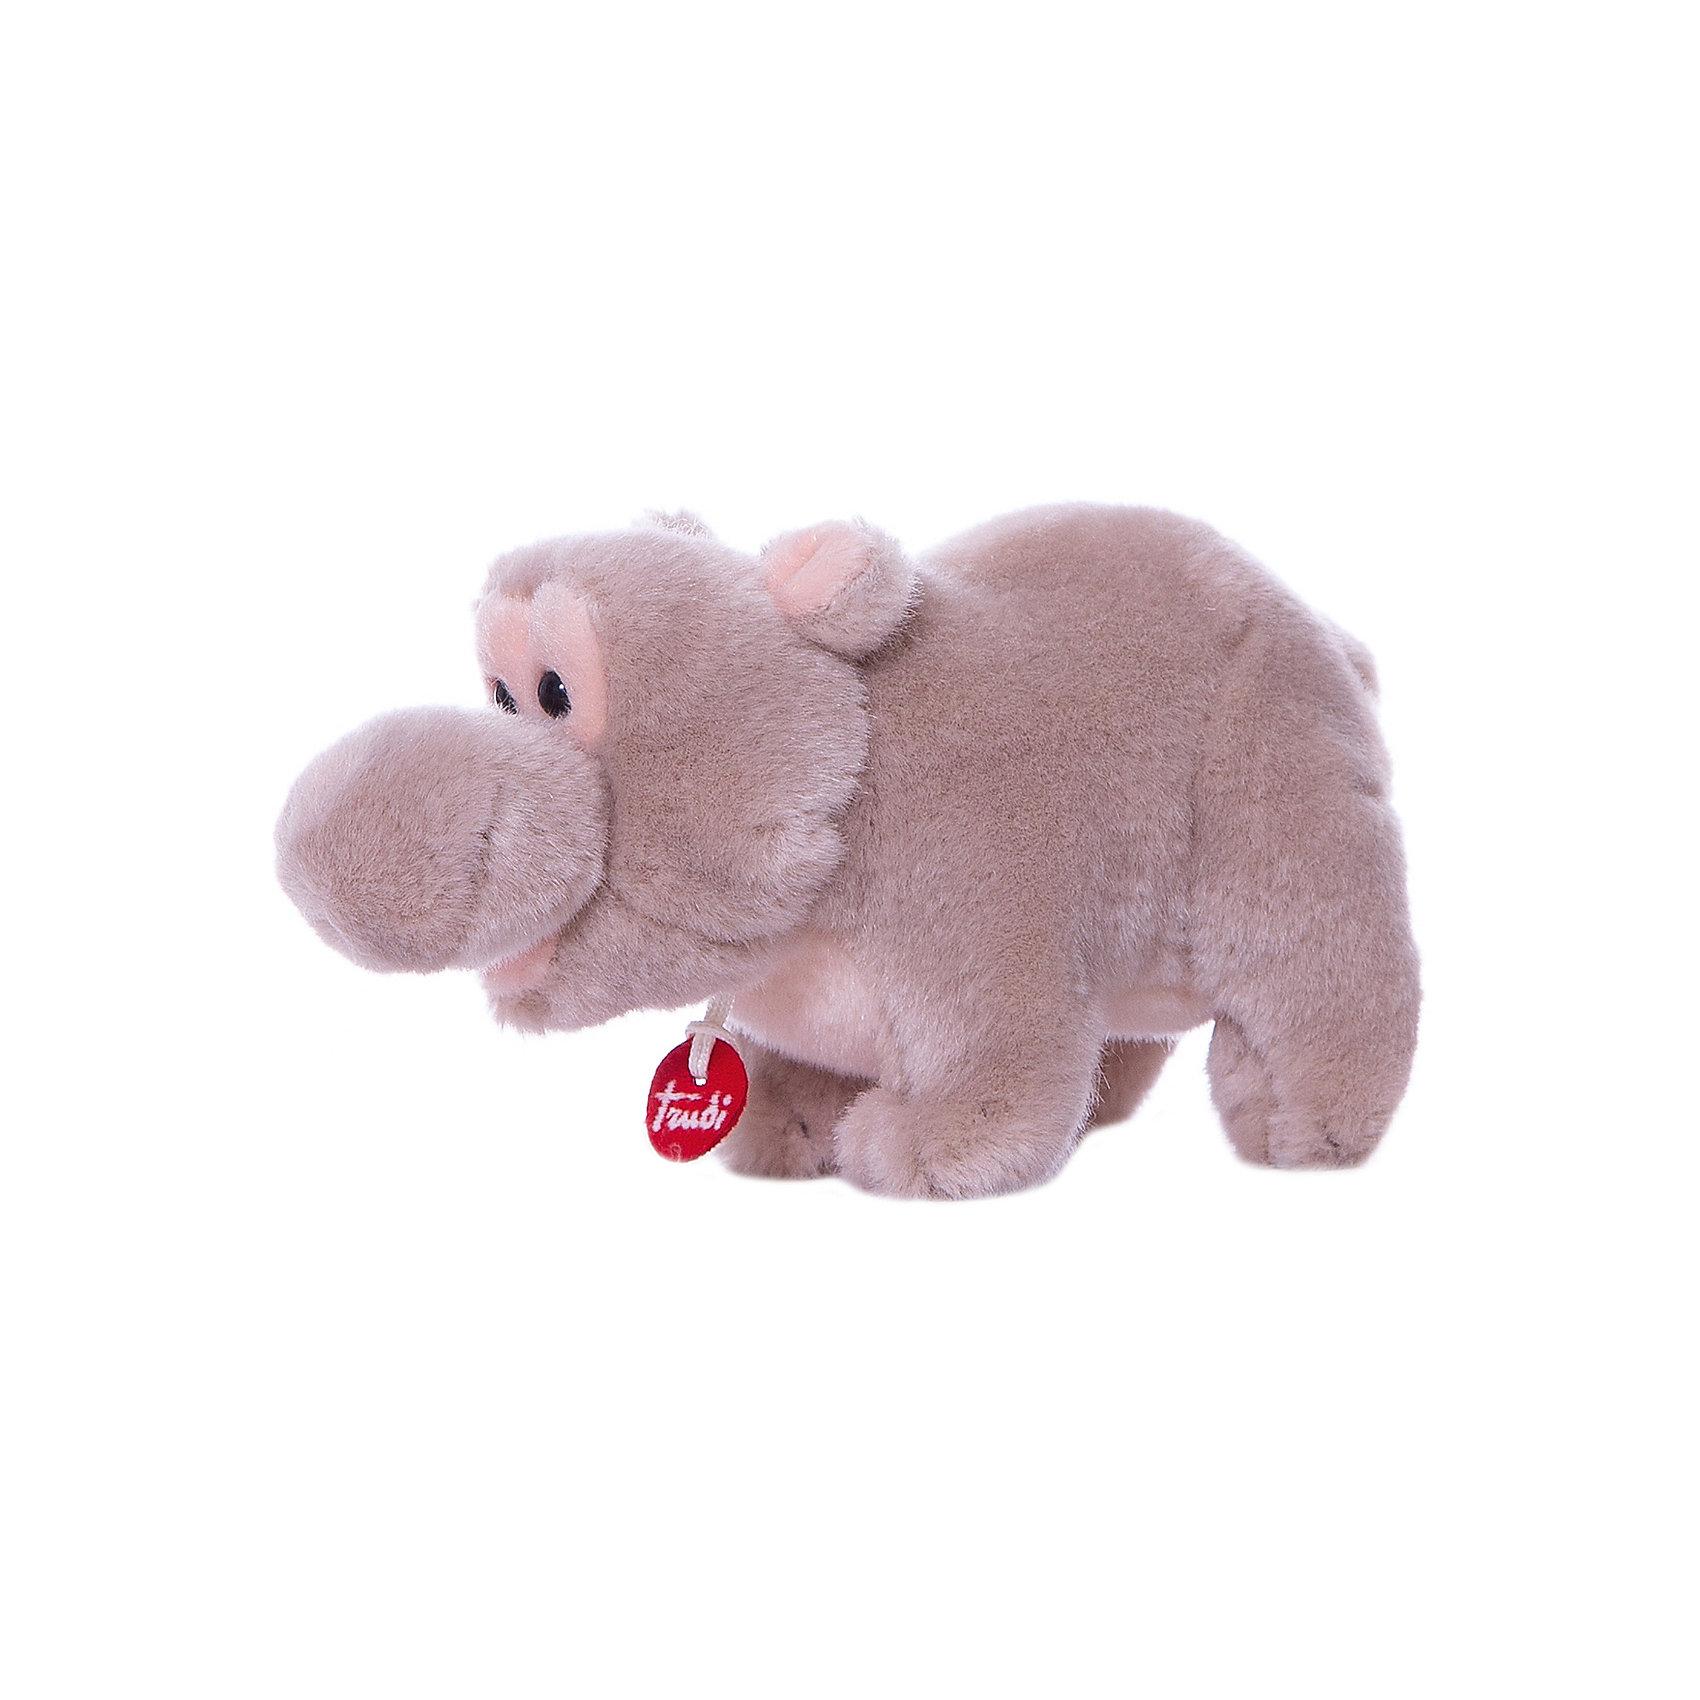 Бегемотик, 15 см, TrudiМягкие игрушки животные<br>Милый бегемотик от Trudi очарует и детей, и взрослых! Мягкая шерстка бегемотика очень приятна на ощупь. С ним будет очень весело играть днем, придумывая разные истории, и спокойно и уютно засыпать ночью. Игрушка изготовлена из высококачественных нетоксичных гипоаллергенных материалов абсолютно безопасных для самых маленьких детей.<br><br>Дополнительная информация:<br><br>- Материал: пластик, текстиль, искусственный мех. <br>- Высота: 15 см. <br>- Допускается машинная стирка при деликатной режиме (30 ?).<br><br>Бегемотика, 15 см, Trudi (Труди), можно купить в нашем магазине.<br><br>Ширина мм: 95<br>Глубина мм: 130<br>Высота мм: 140<br>Вес г: 100<br>Возраст от месяцев: 12<br>Возраст до месяцев: 2147483647<br>Пол: Унисекс<br>Возраст: Детский<br>SKU: 5055246